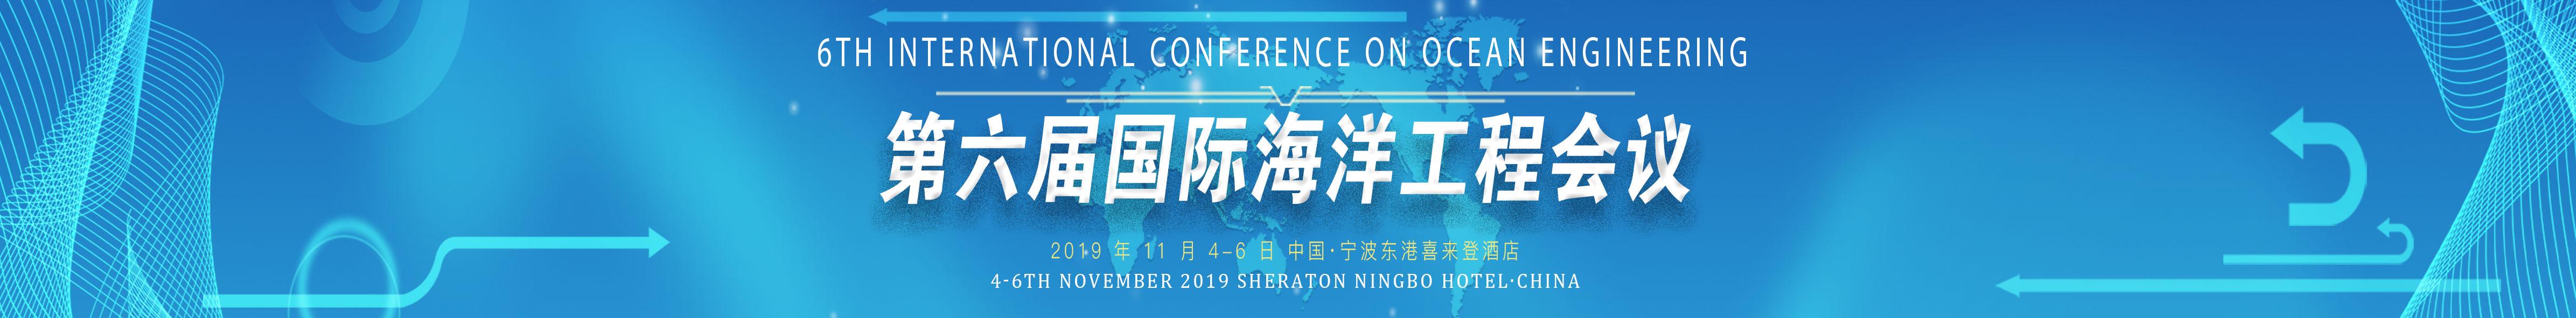 2019年第六屆國際海洋工程會議